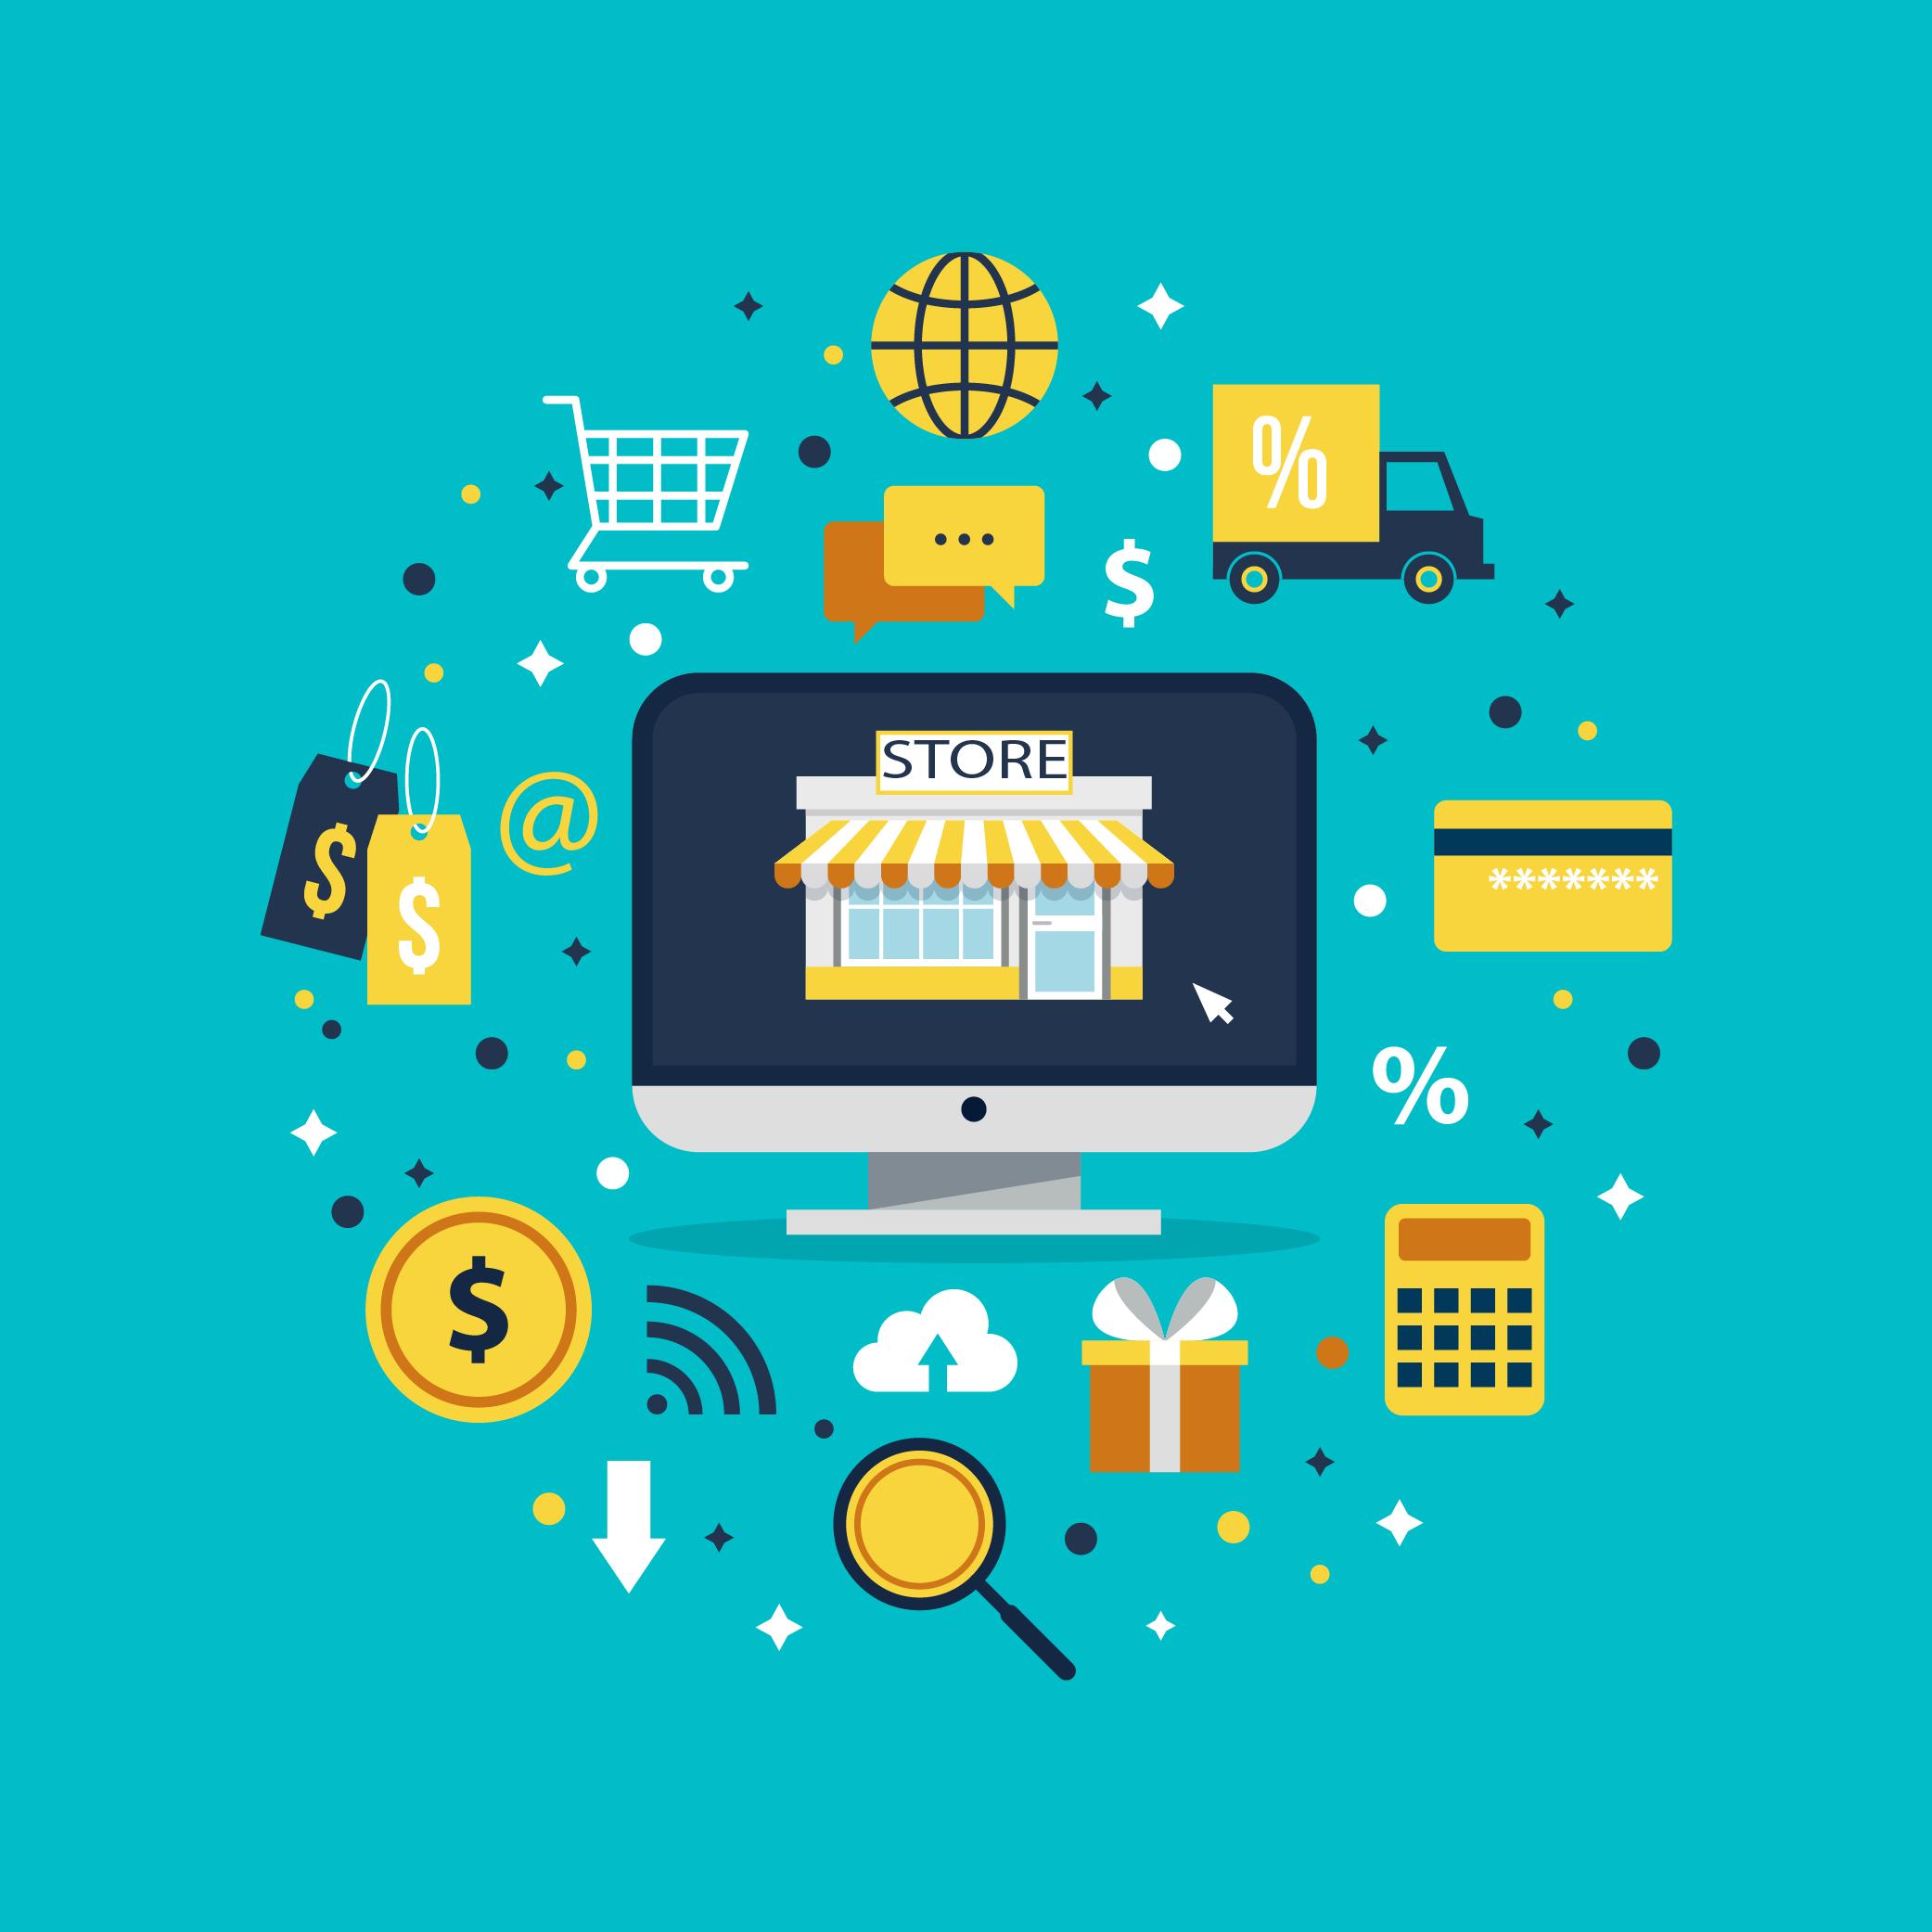 E-commerce concepts